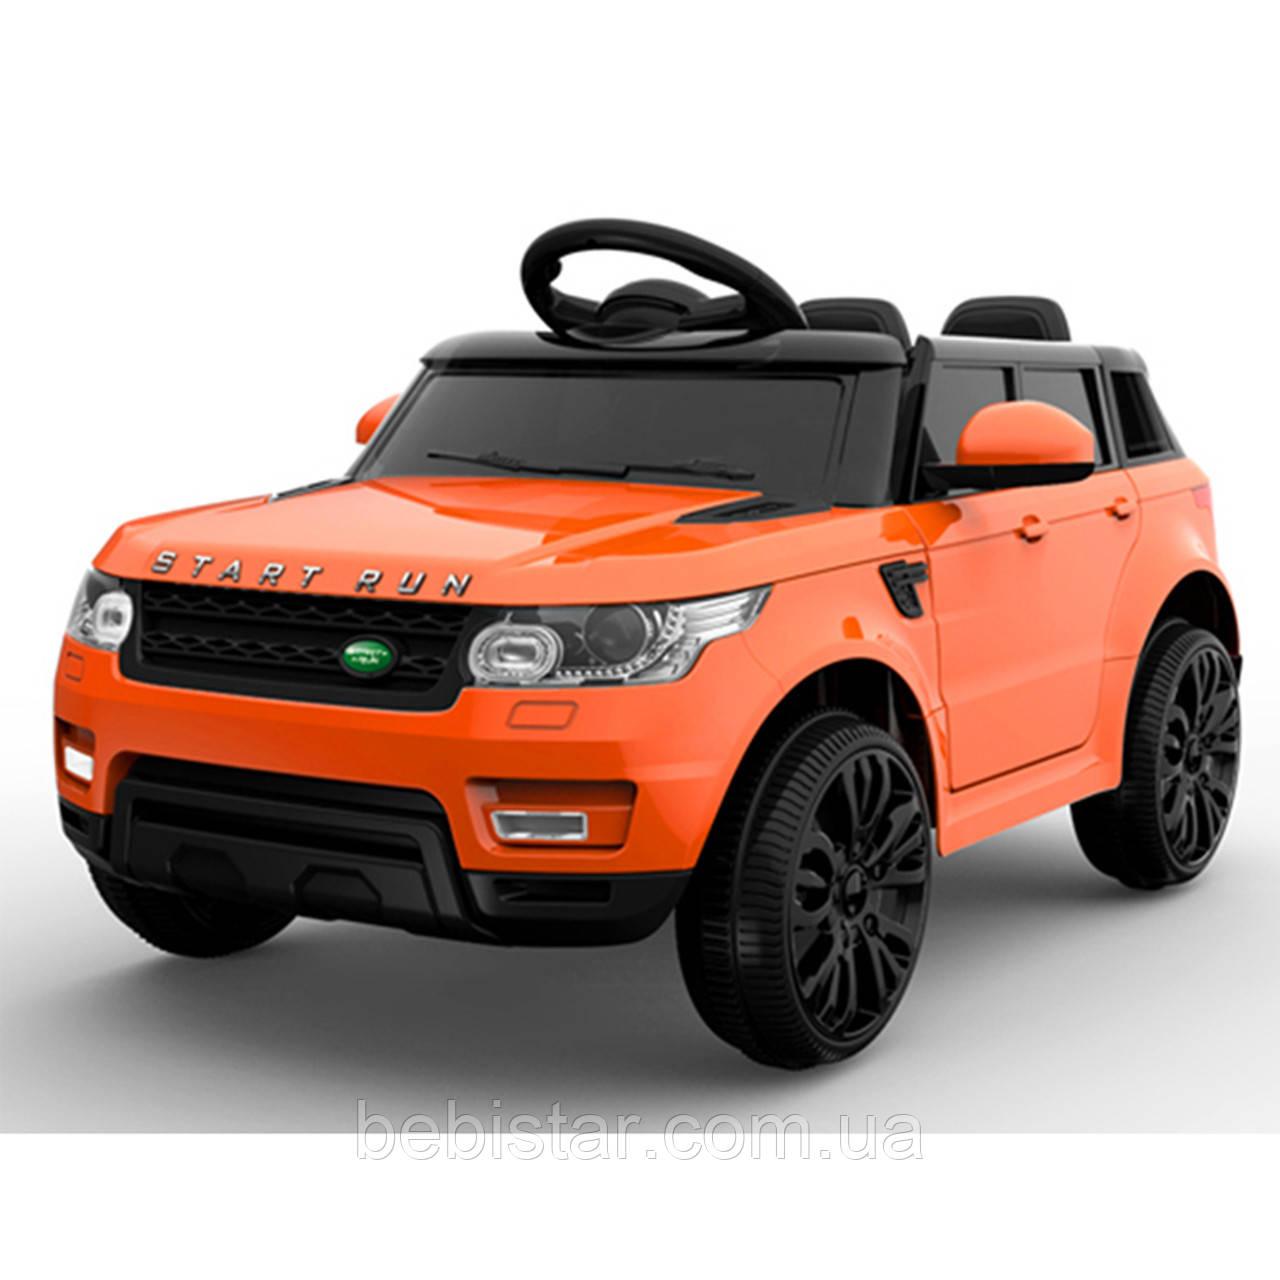 Дитячий електромобіль помаранчевий FL1638 EVA ORANGE діткам 3-8 років з пультом мотор 2*25W